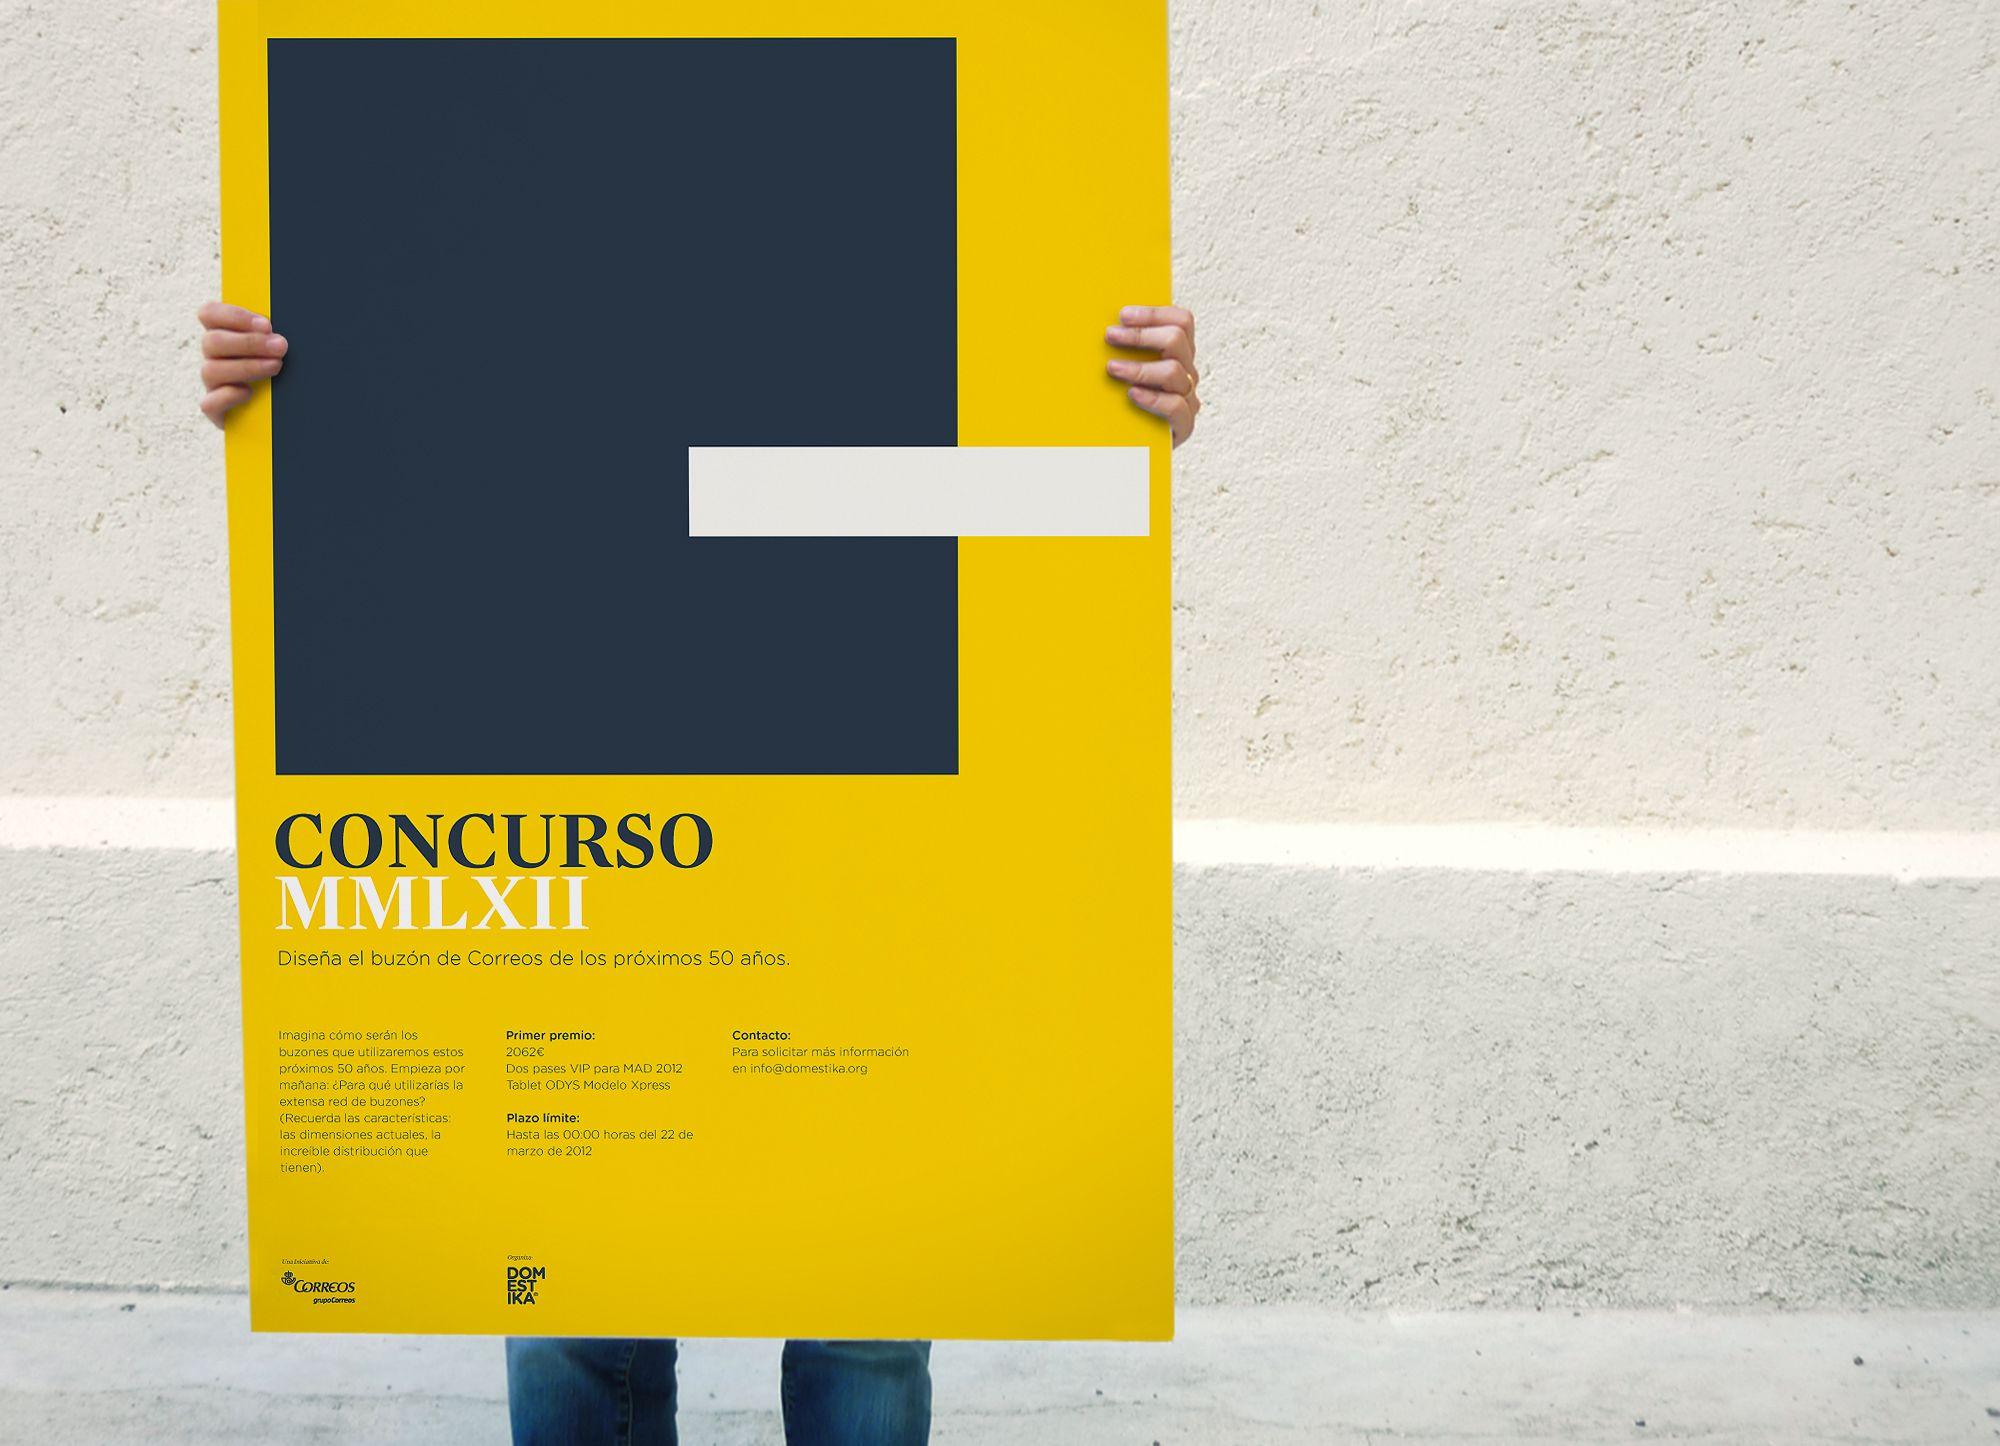 Concurso Diseño Buzón De Correos España Spanish Postal Office Design Contest Poster Buzones De Correo Buzones Disenos De Unas